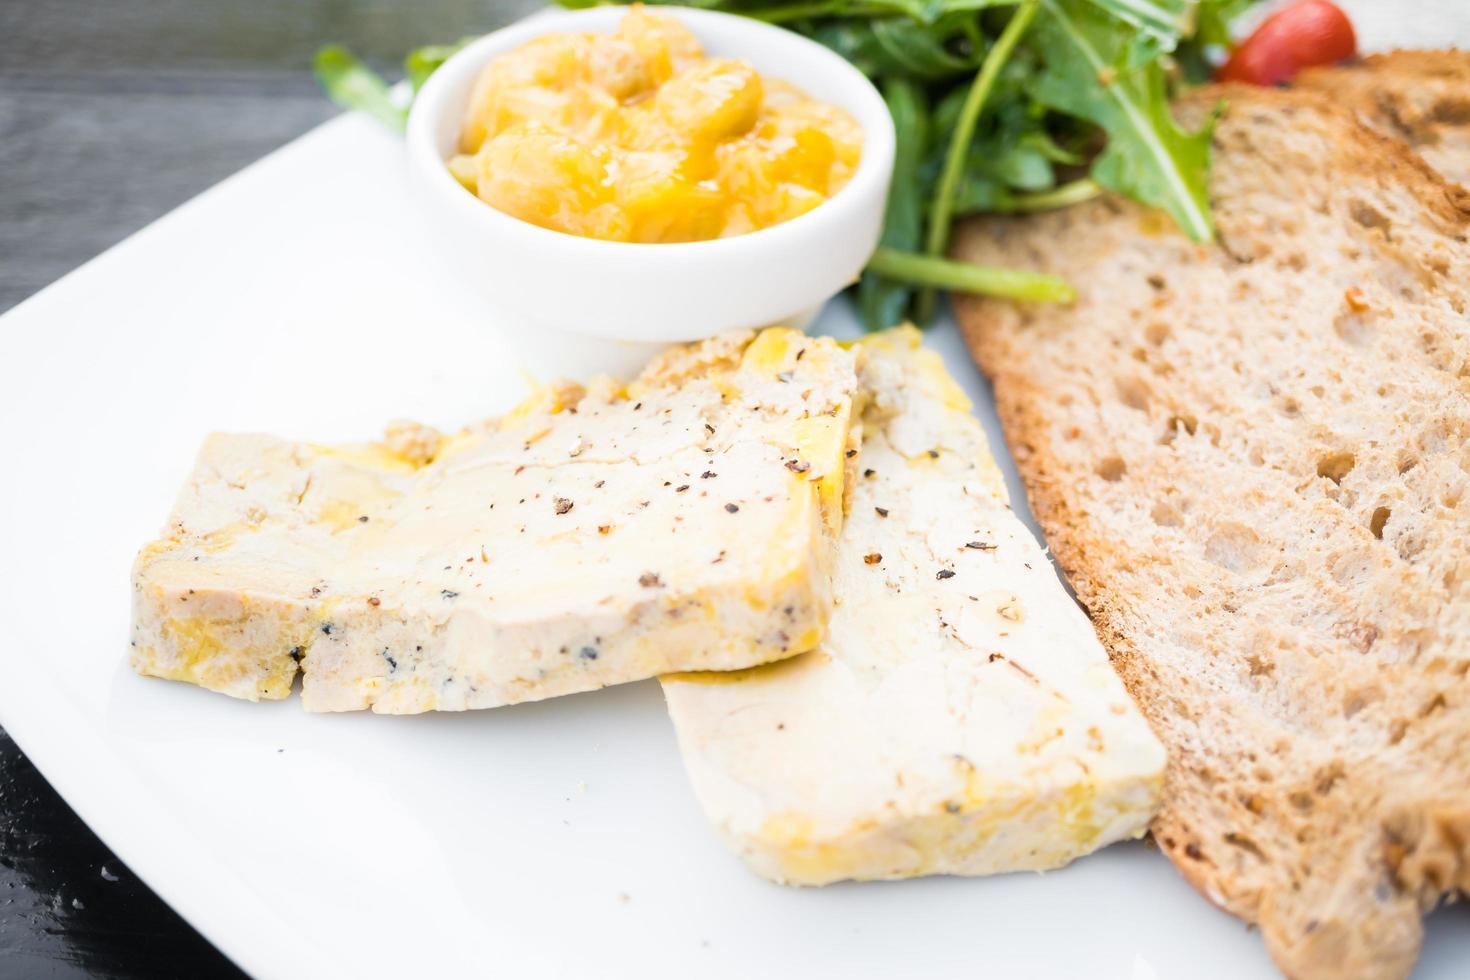 foie gras au pain photo